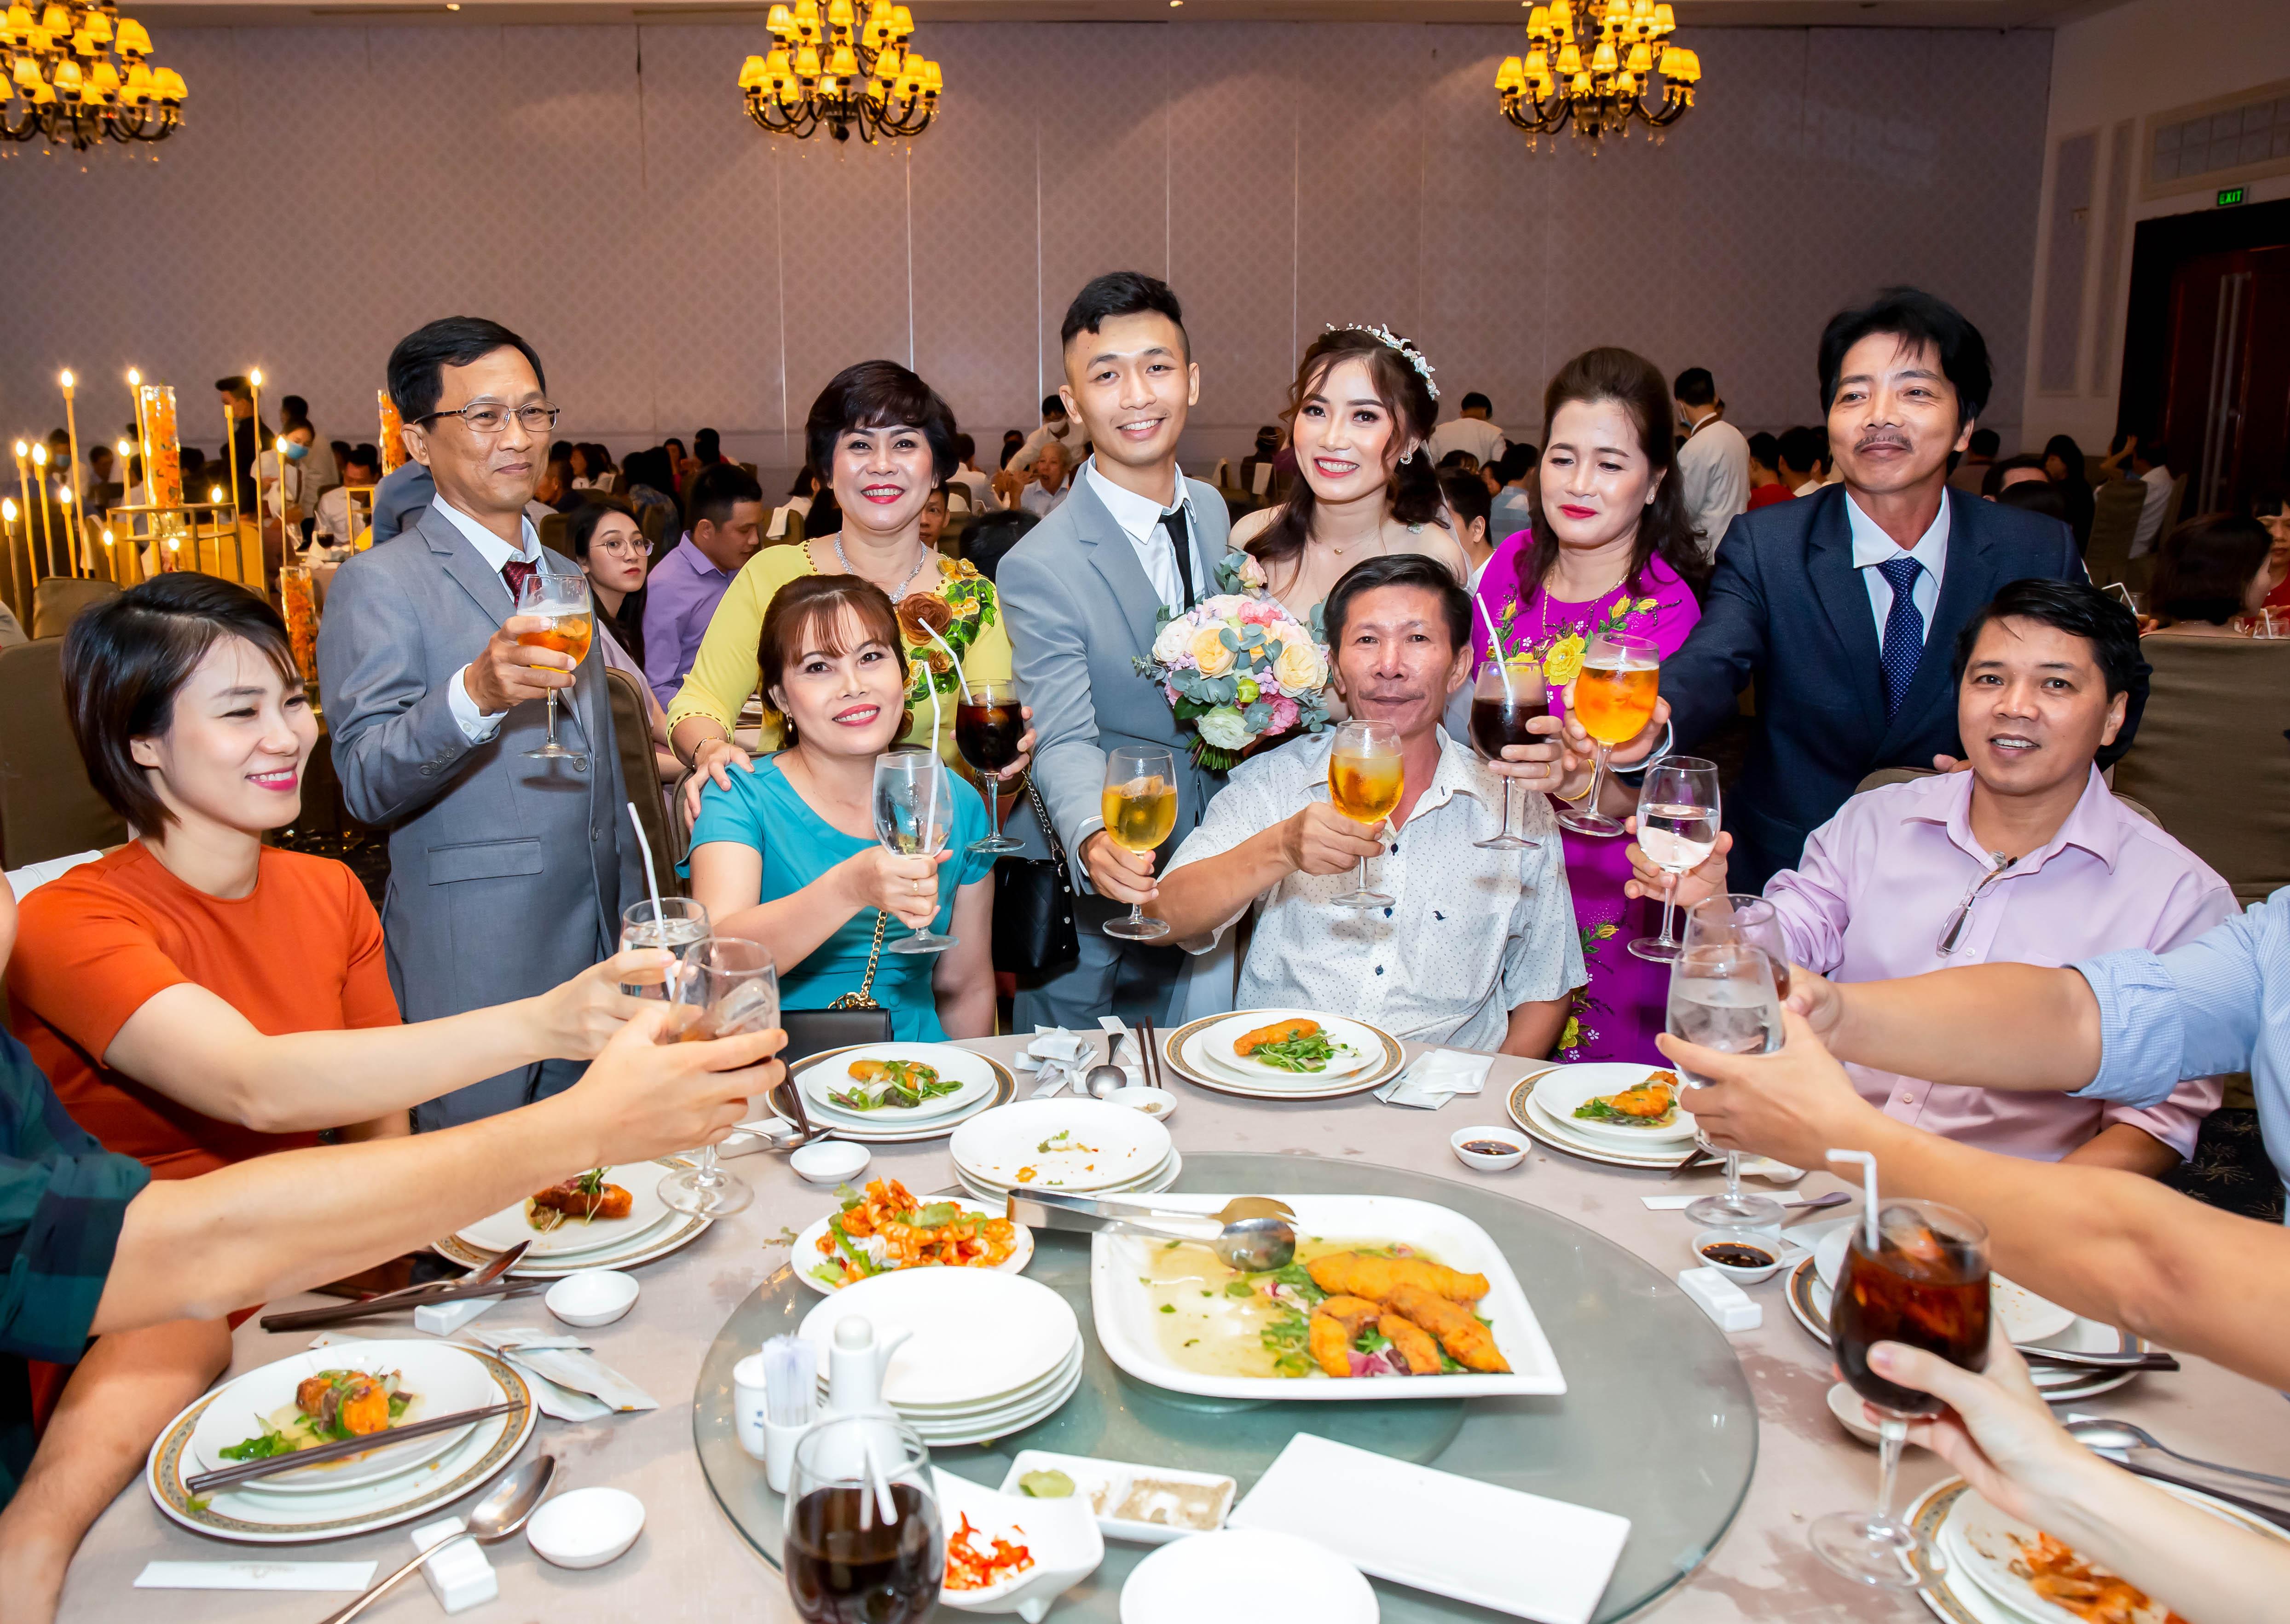 Cách tổ chức phần ăn và phong cách phục vụ của nhà hàng Grand Palace